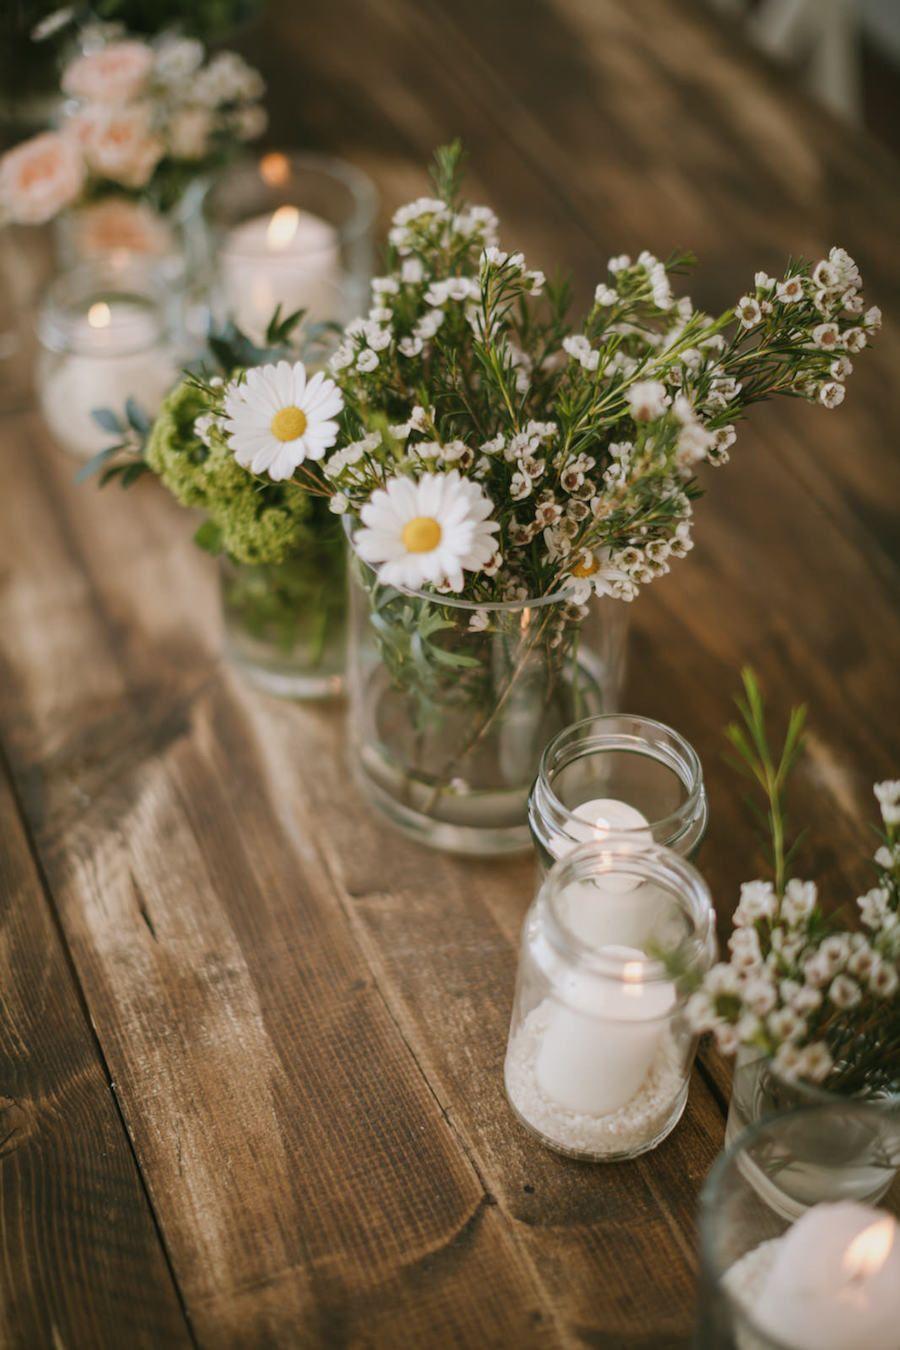 Addobbi Floreali Matrimonio Rustico : Un matrimonio rustico al convento dellannunciata bomboniera